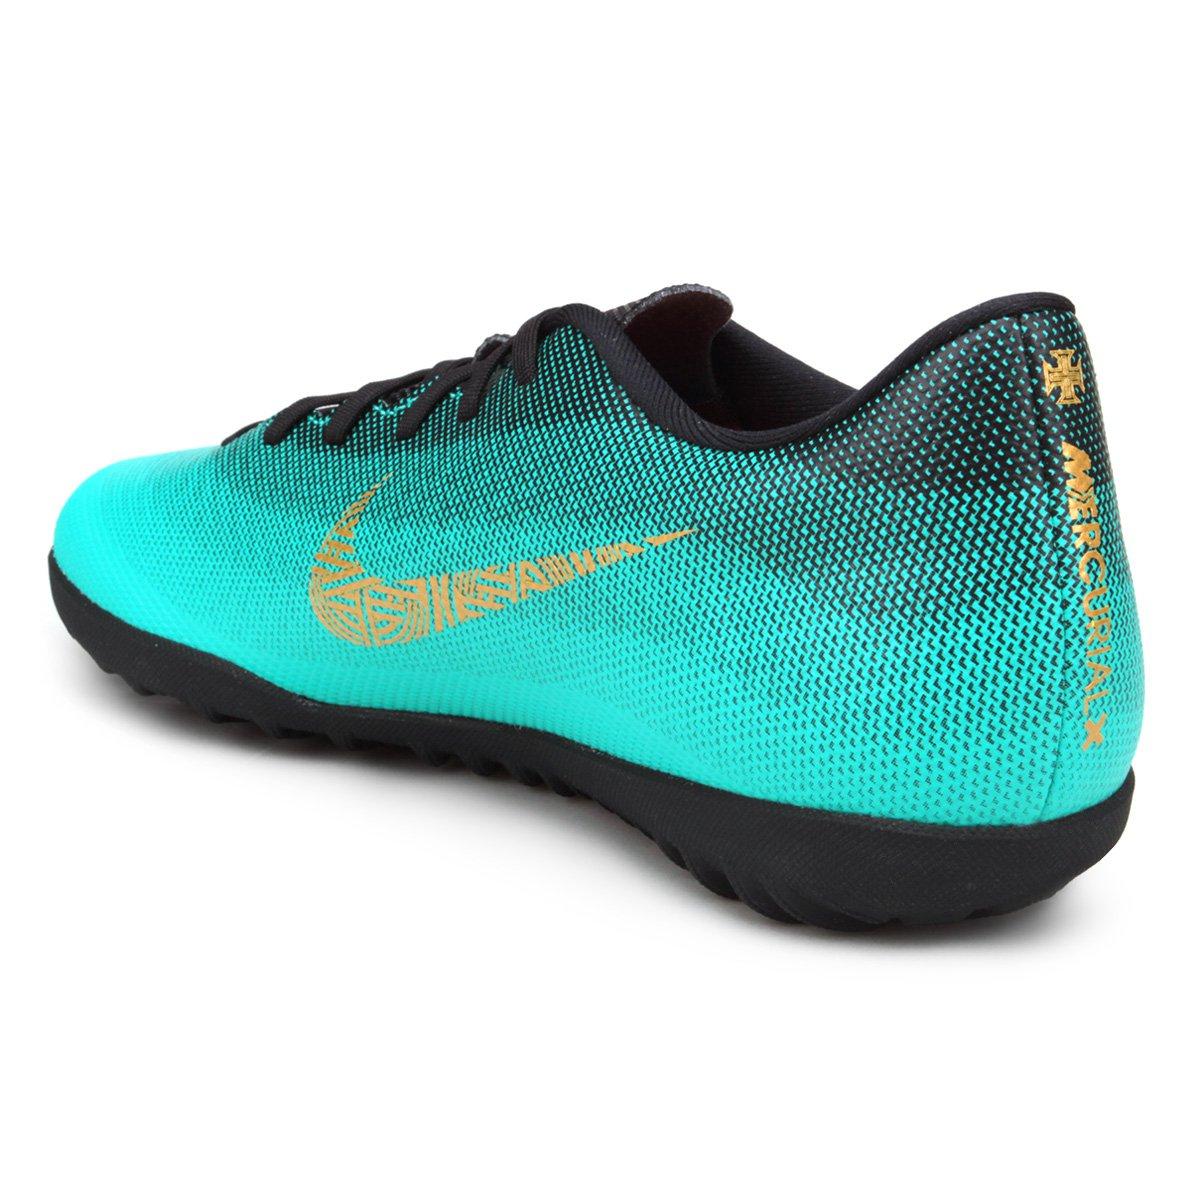 Chuteira Society Nike Mercurial Vapor 12 Club CR7 TF  63fce50bde8a2